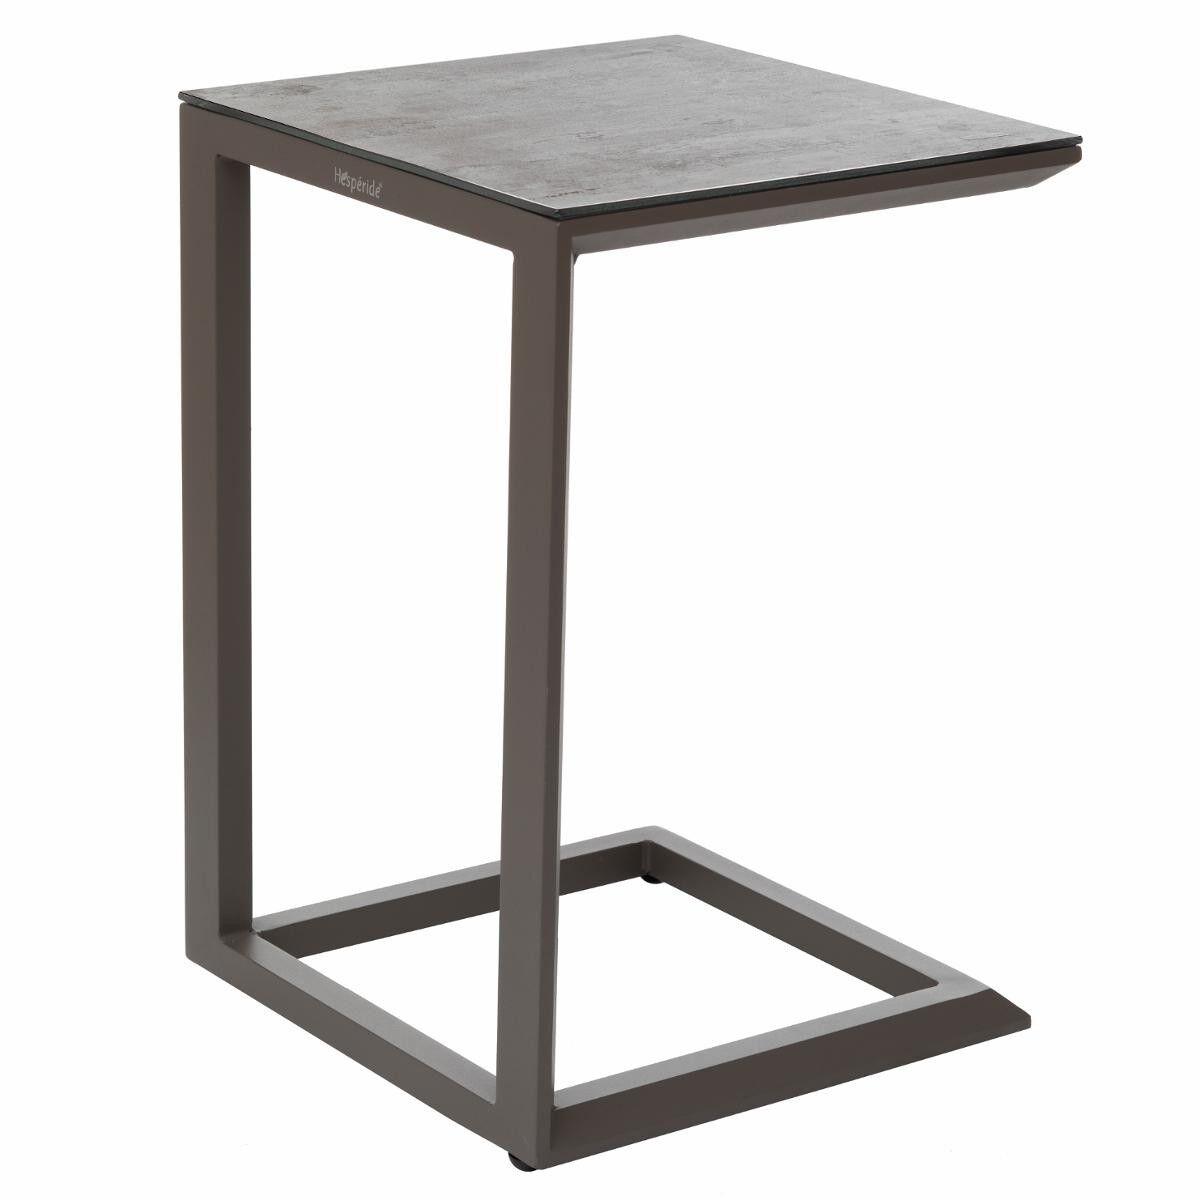 Hespéride Table d'appoint de jardin carrée Évasion Stone   Tonka 38 x 38 x 56,5 cm - Aluminium traité époxy, Verre trempé revêtement céramique